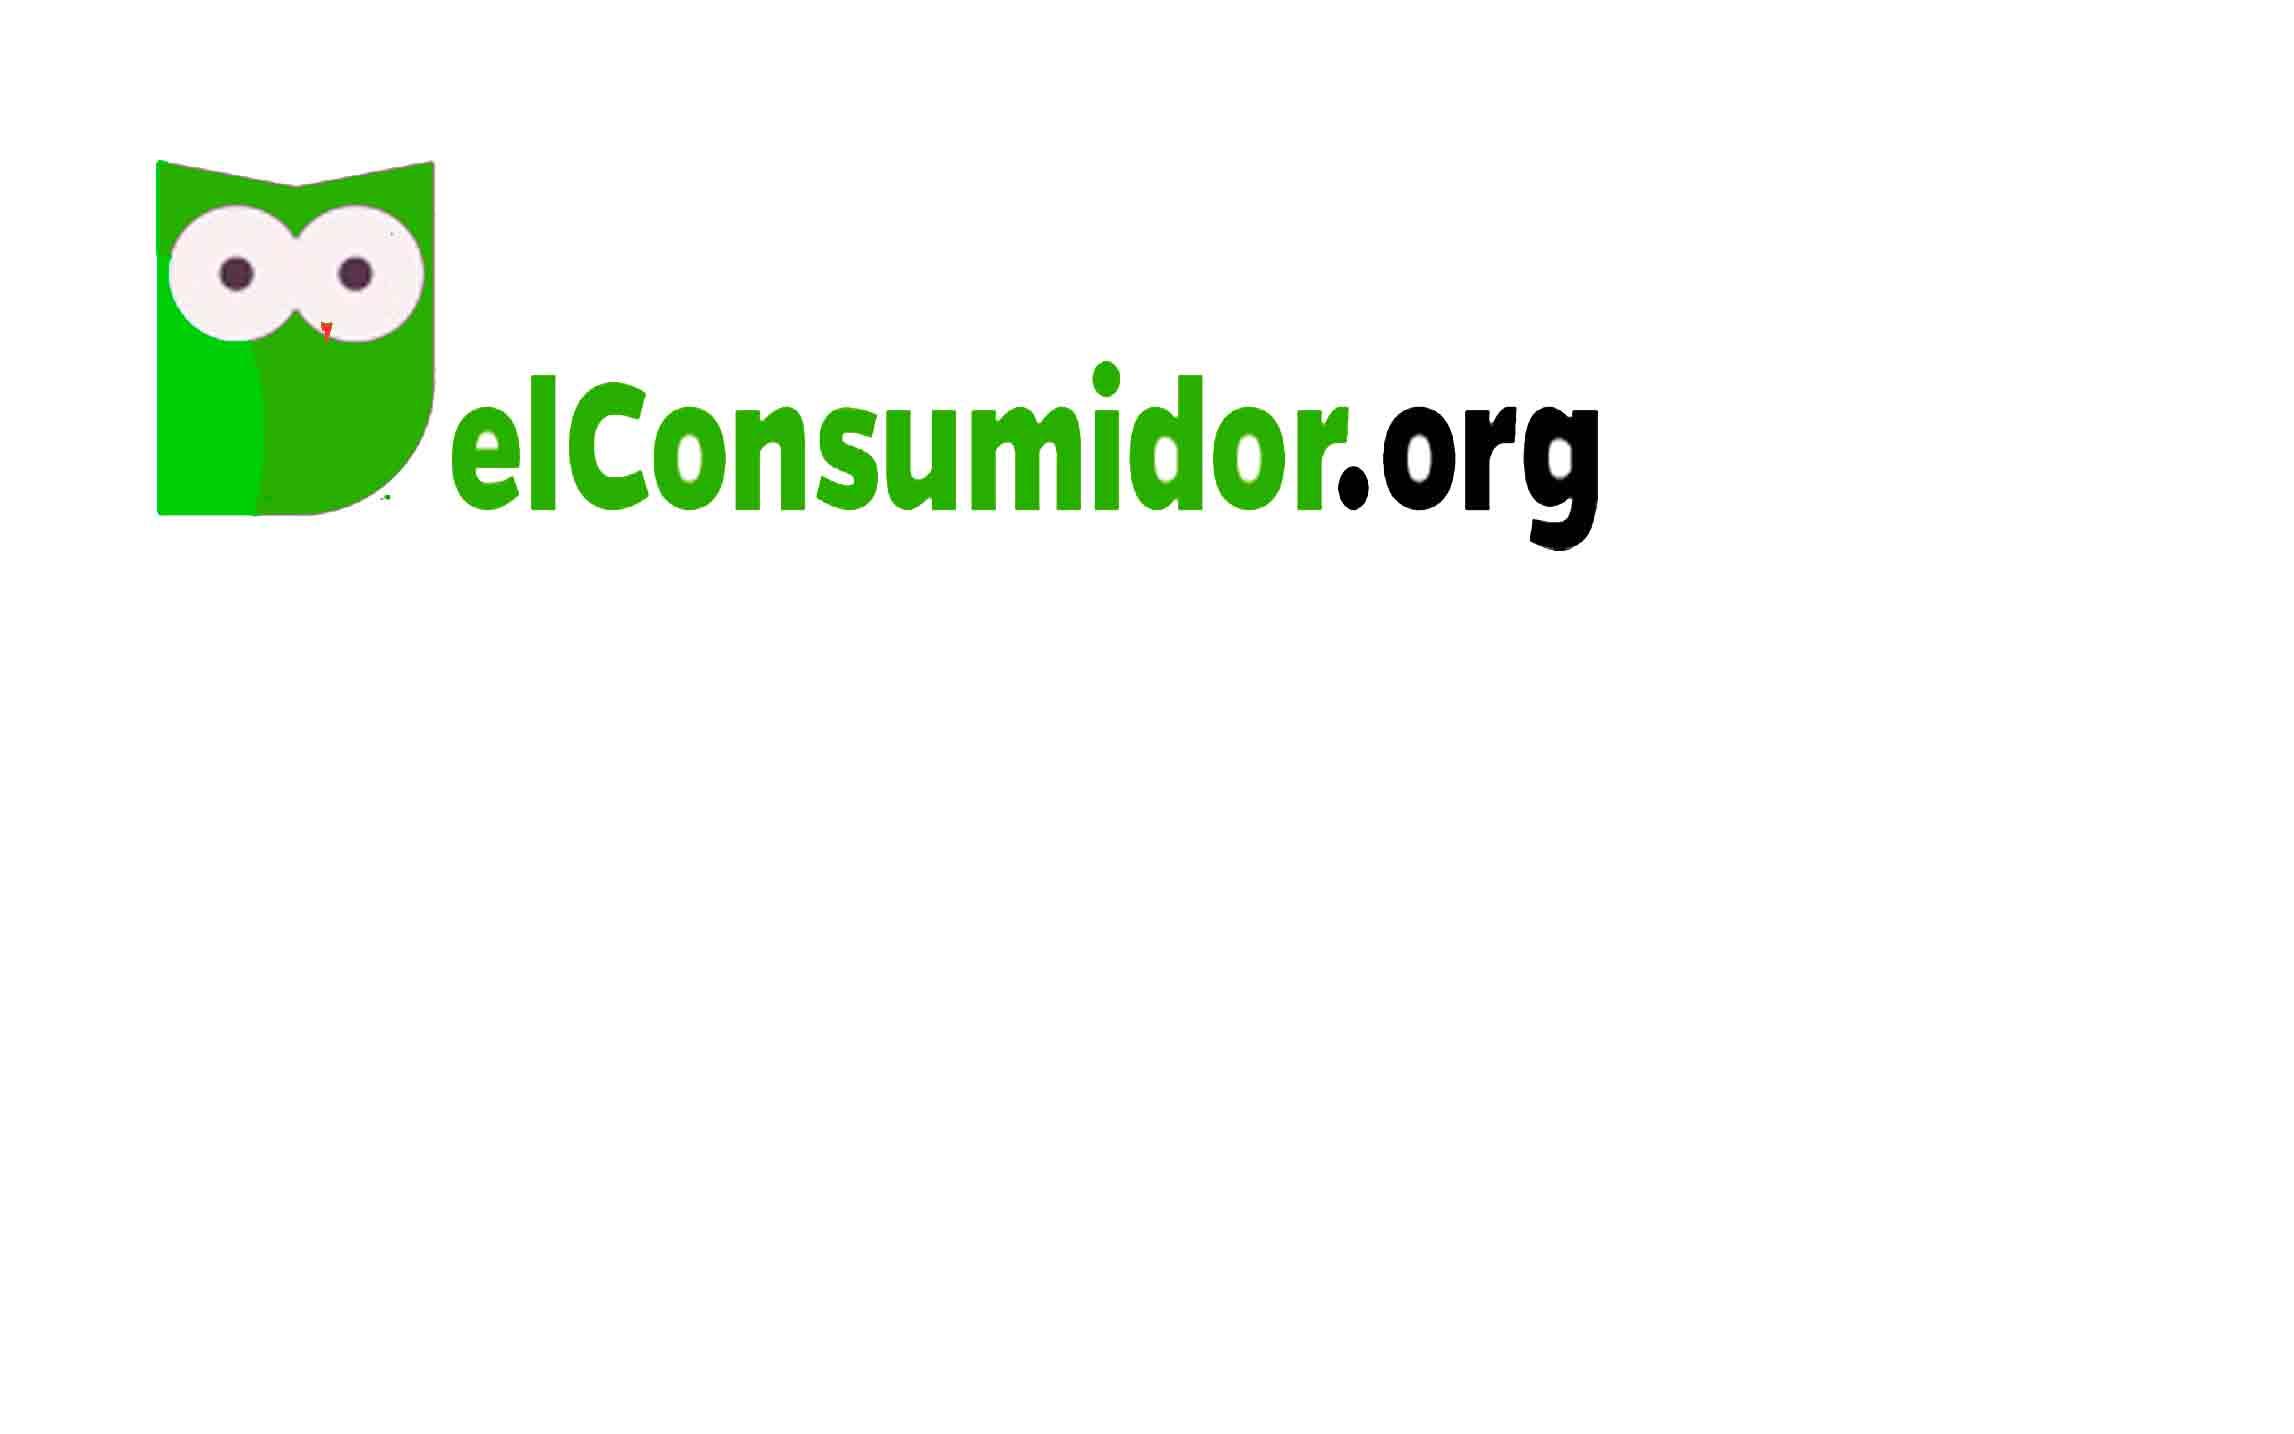 El Consumidor.Org